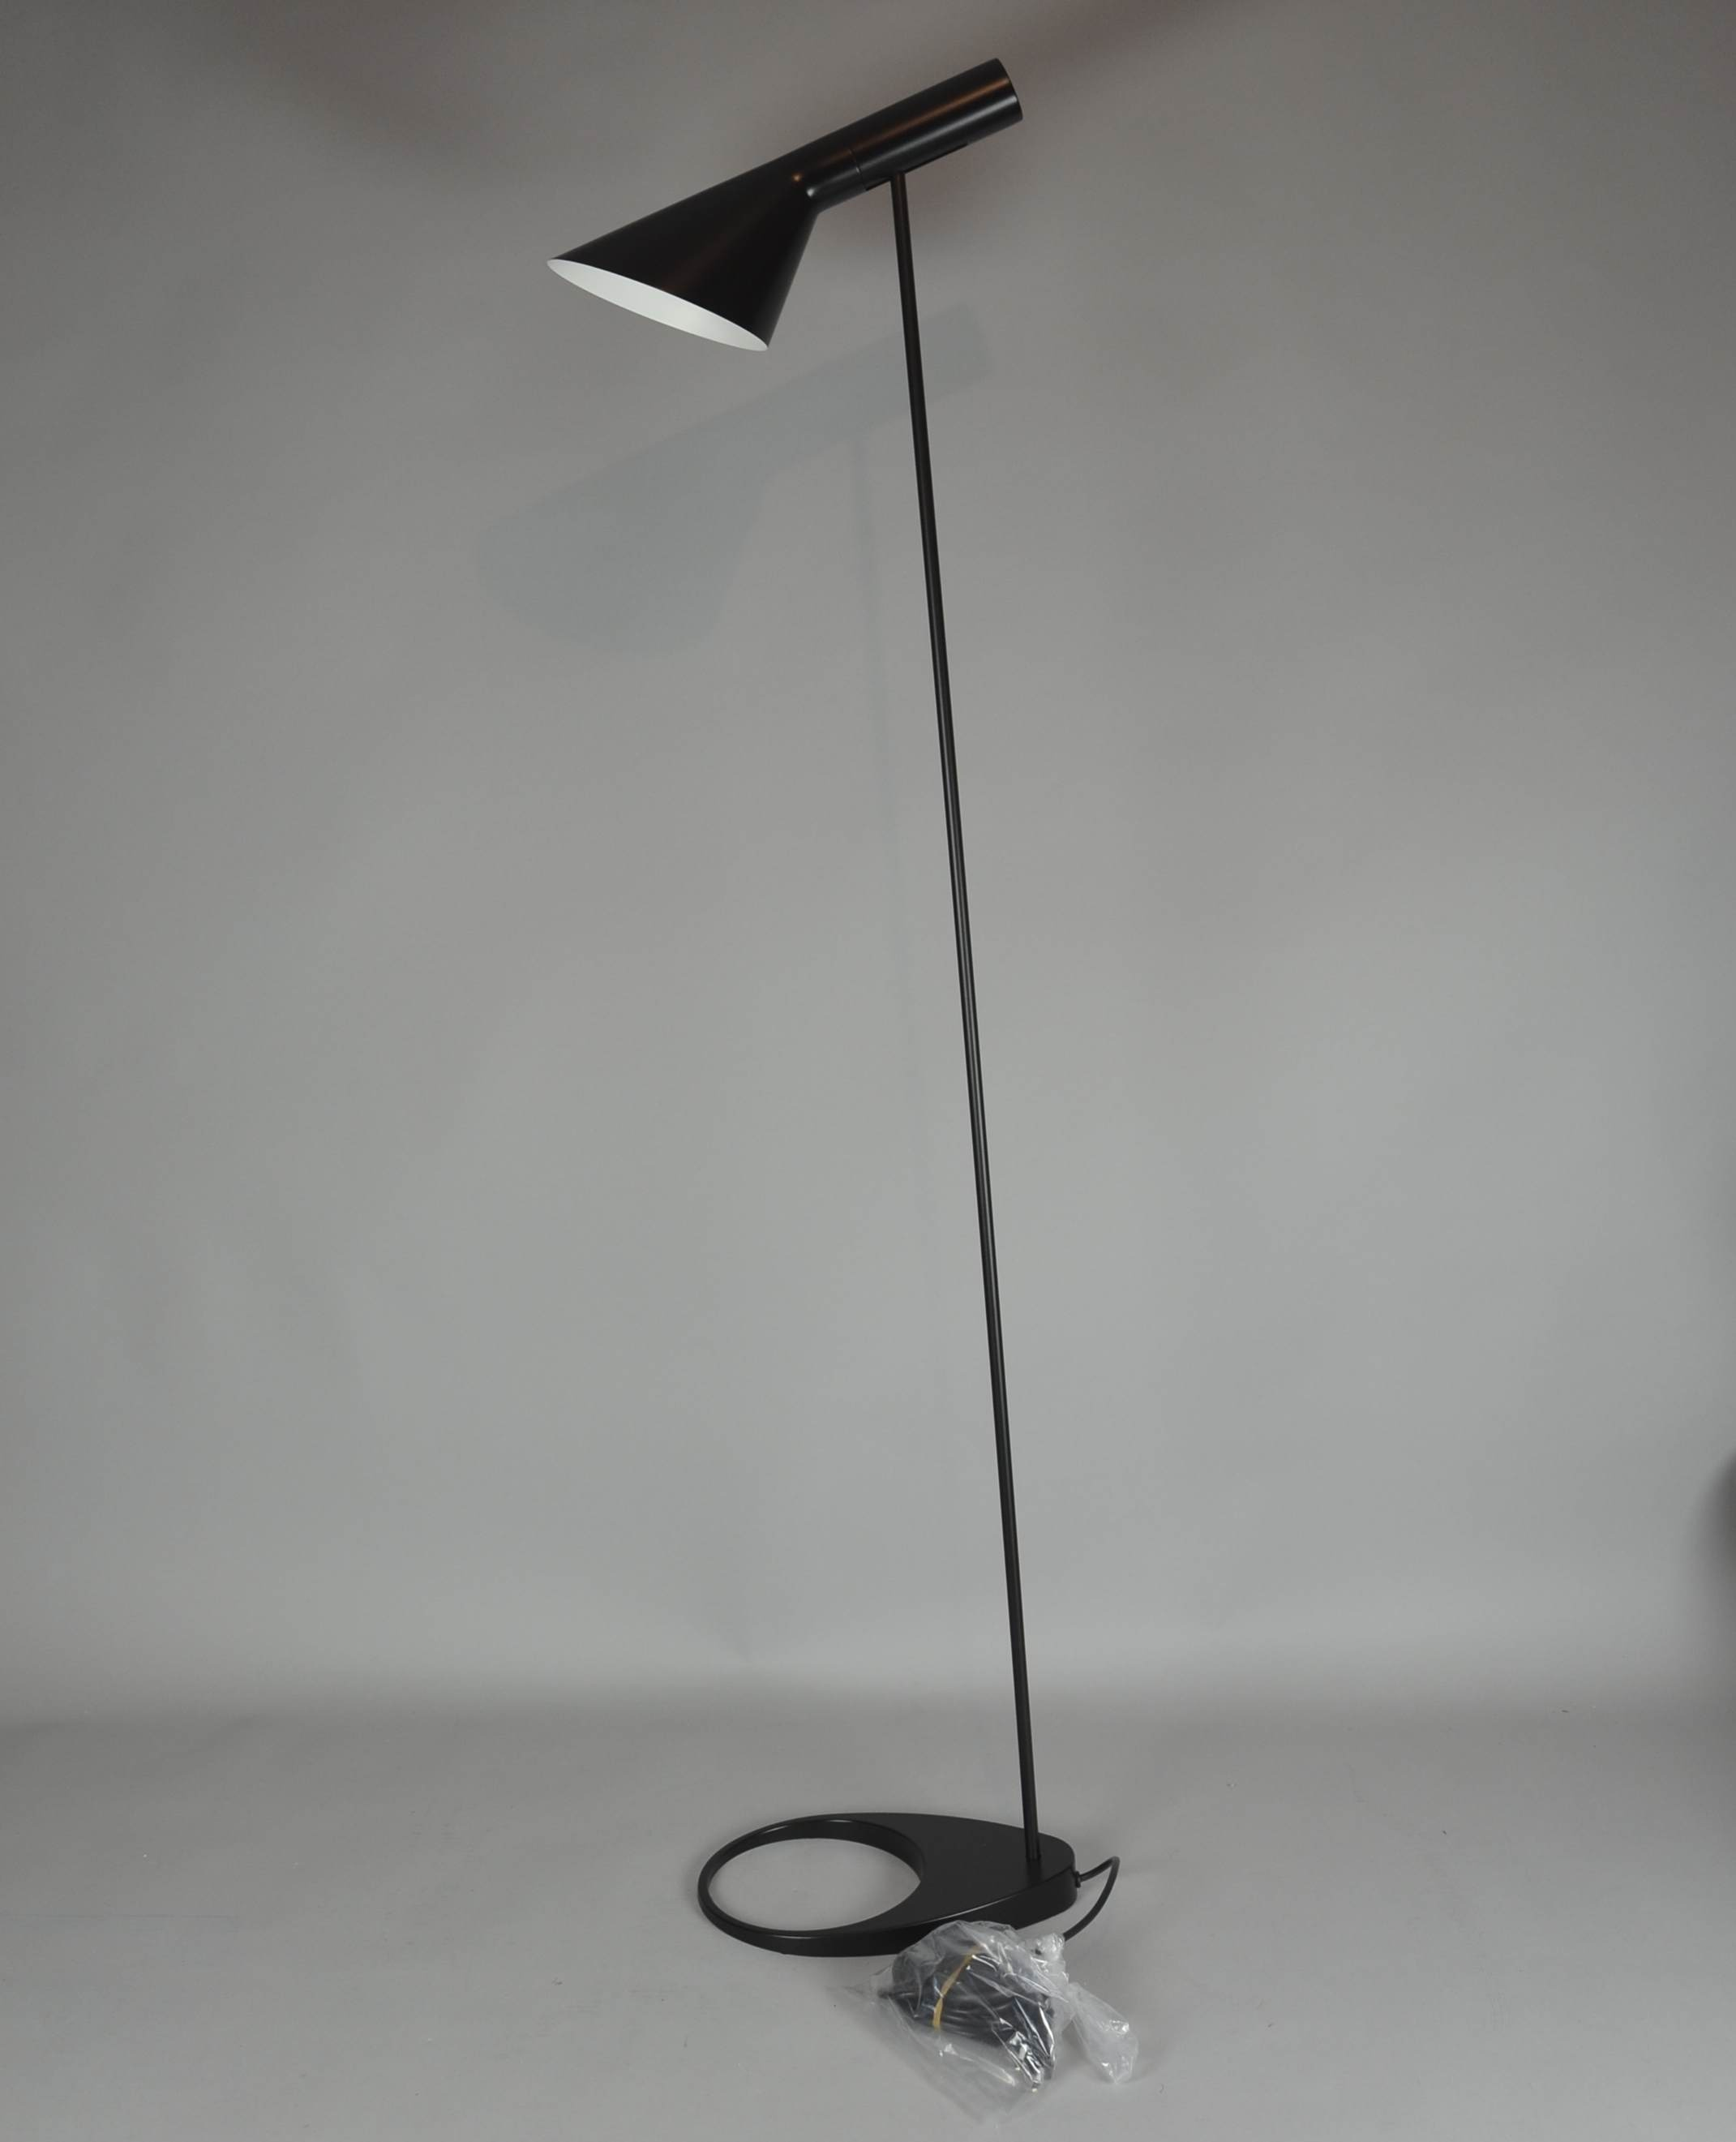 Arne Jacobsen Stehlampe Für Louis Poulsen Lighting Lamps Floor